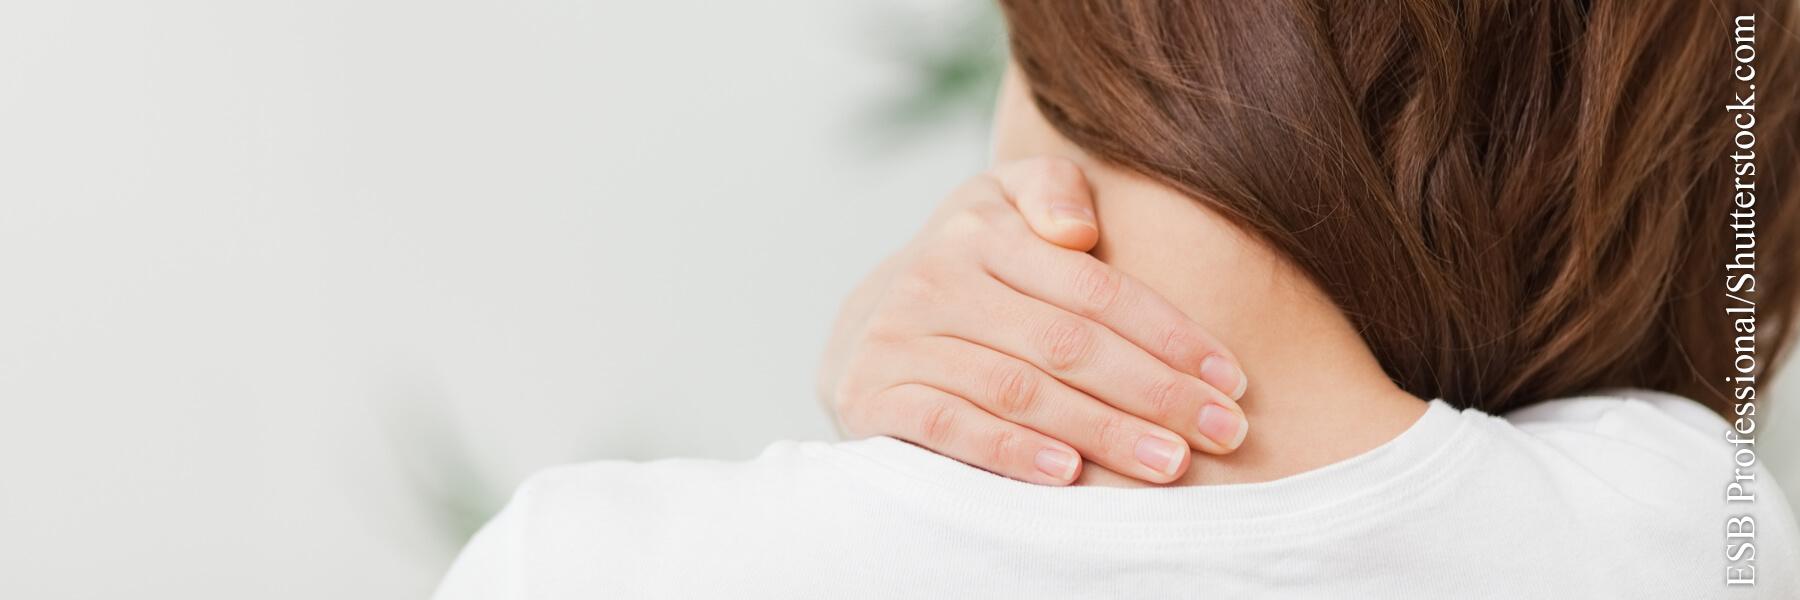 Schmerzen äußerlich behandeln